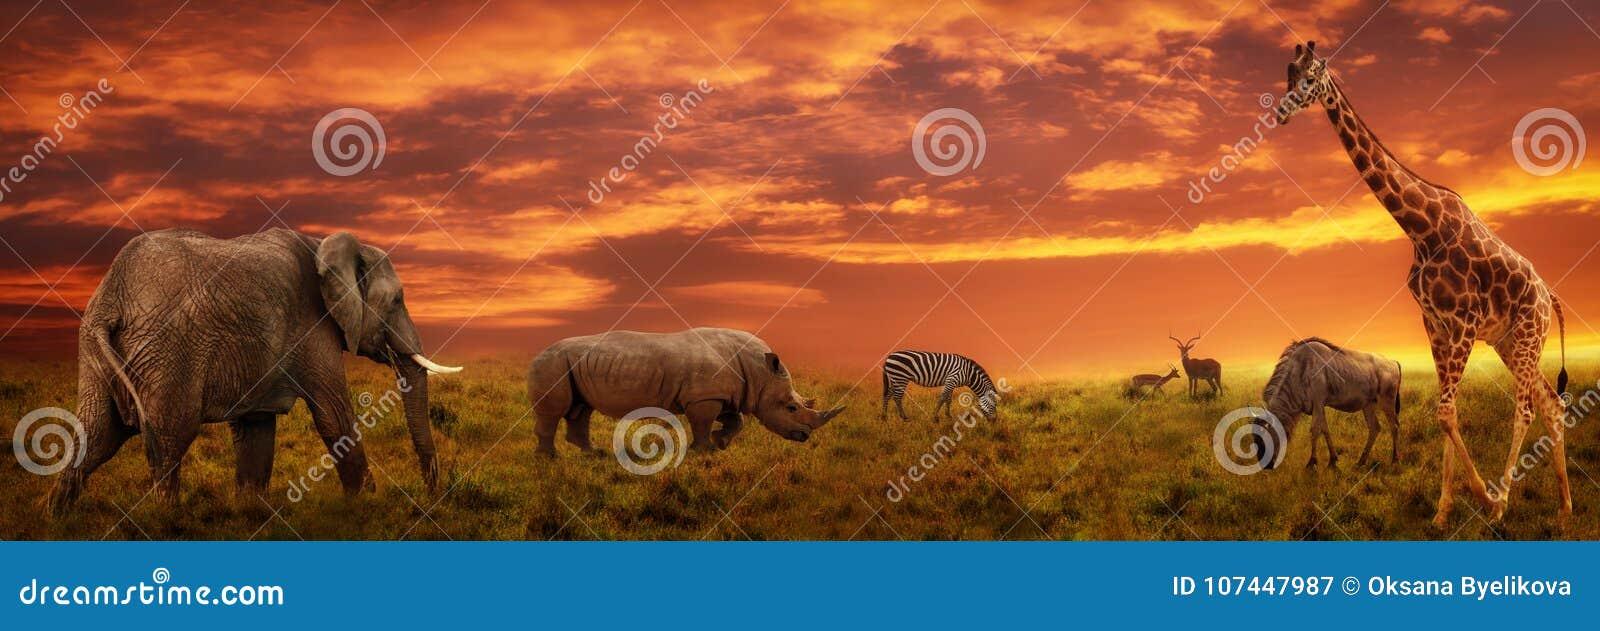 Afrikaanse zonsondergang panoramische achtergrond met silhouet van dieren